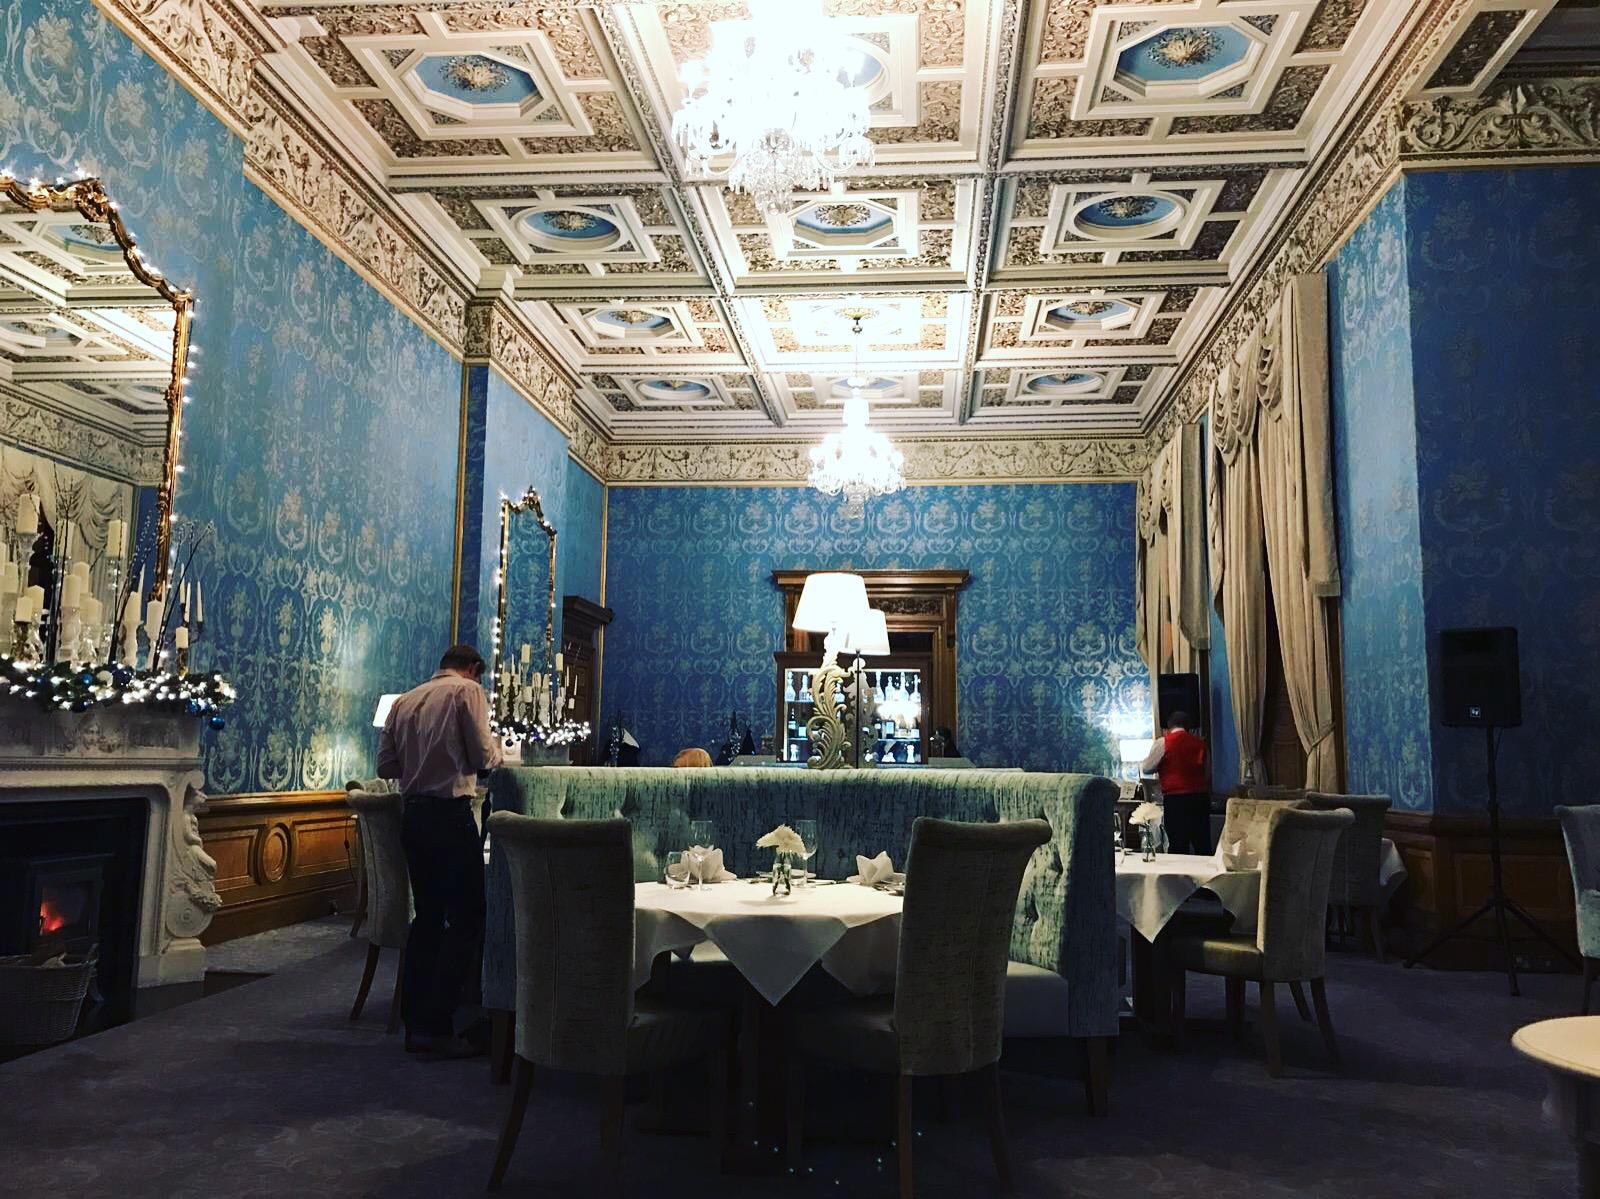 Thoresby Hall Blue Room Menu